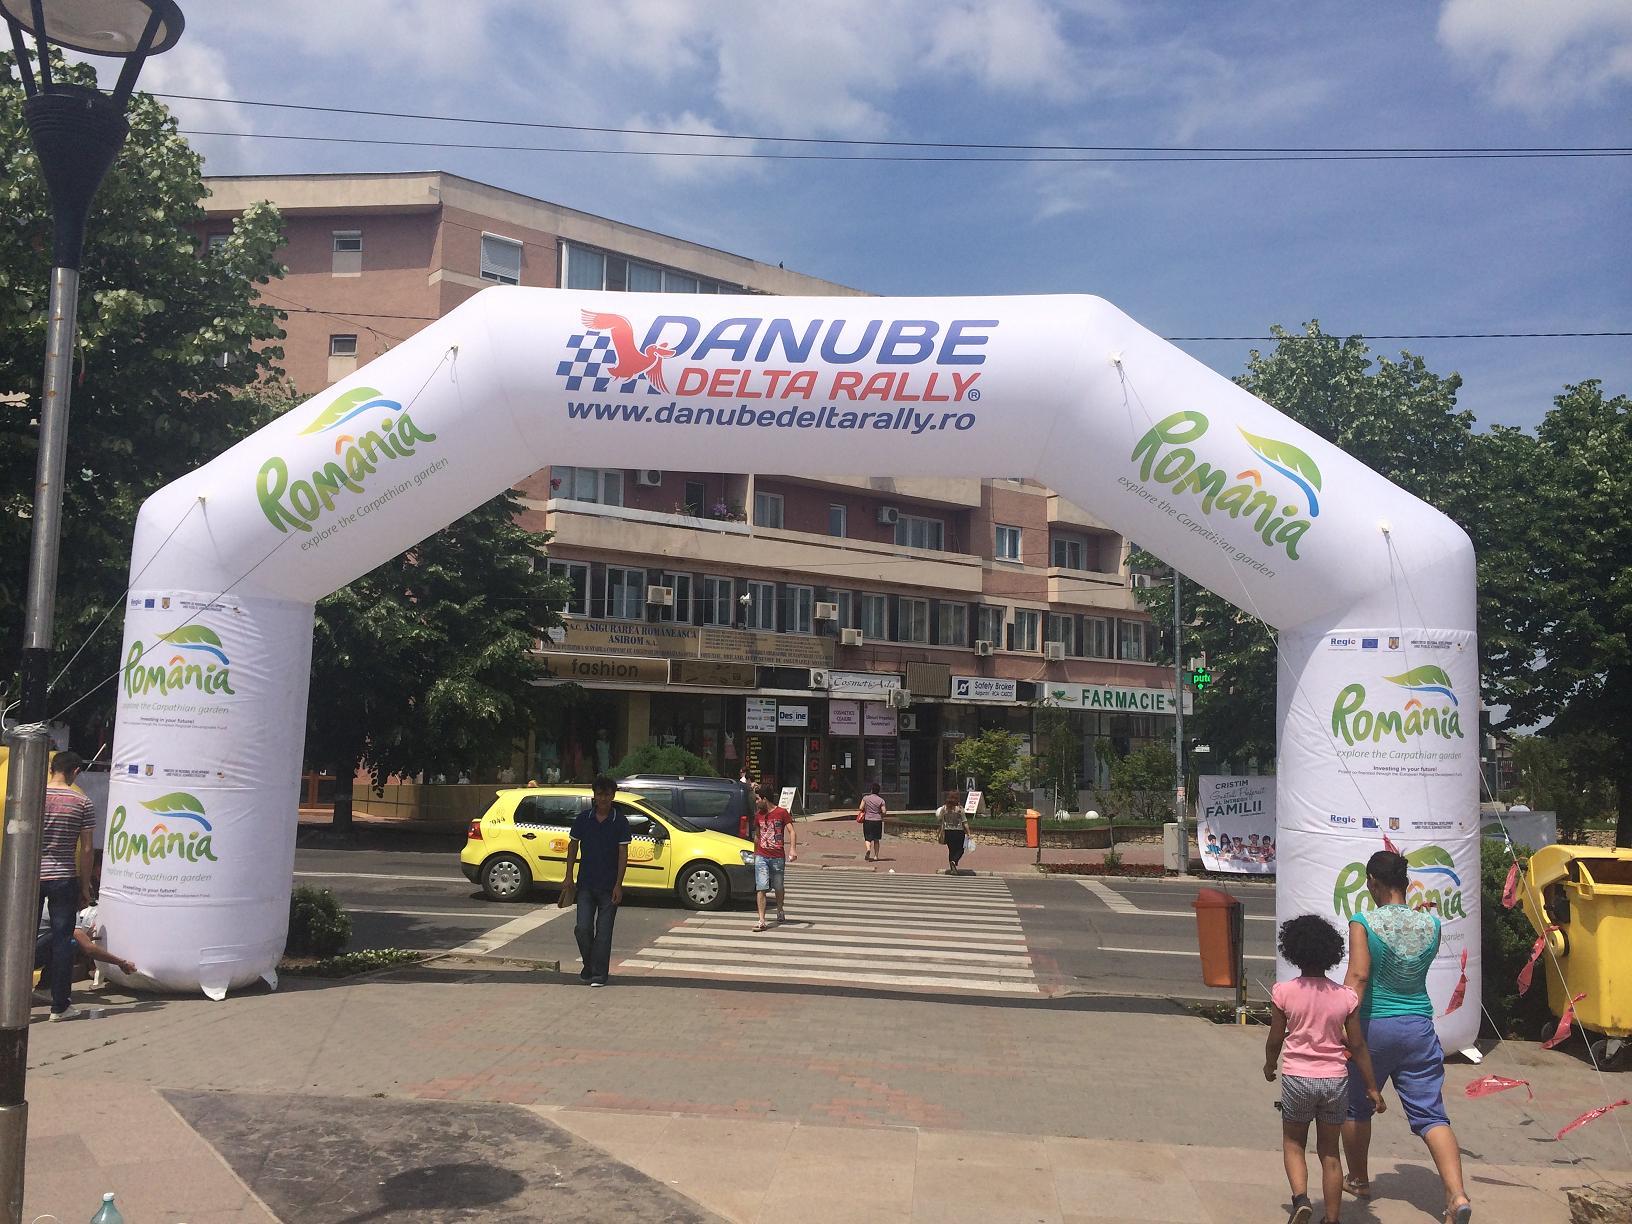 Danube Delta Rally ®: ultimele pregatiri  inainte de start